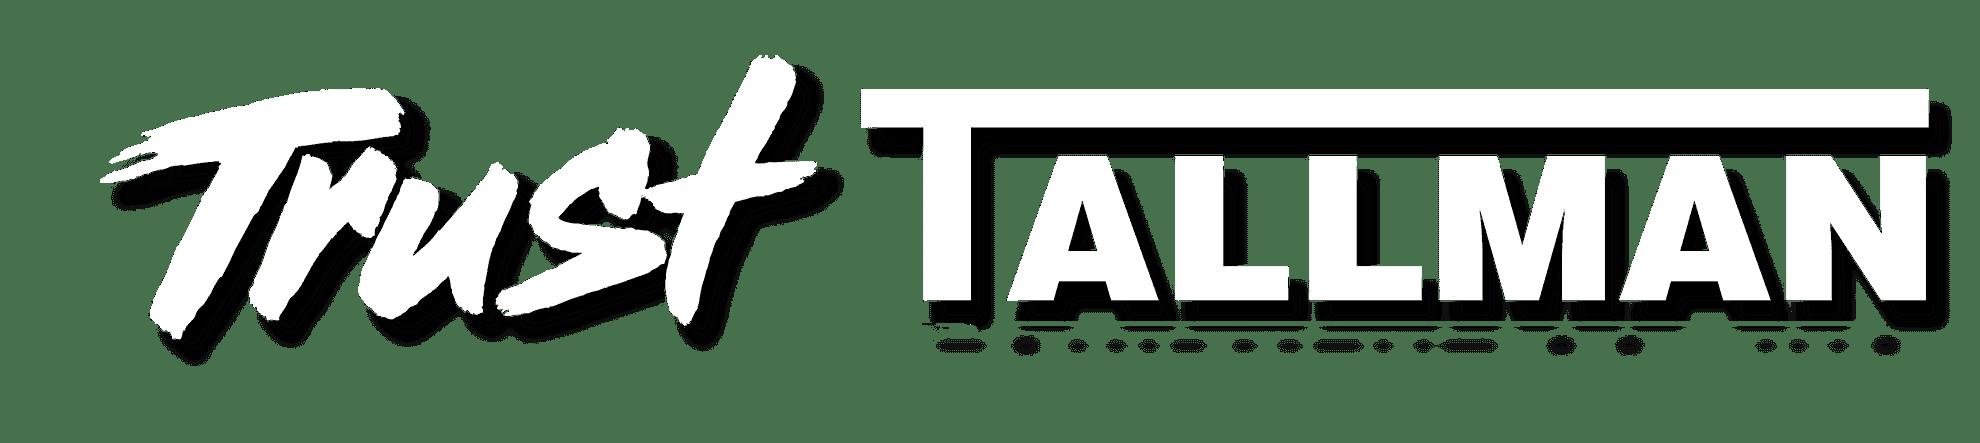 Trust Tallman